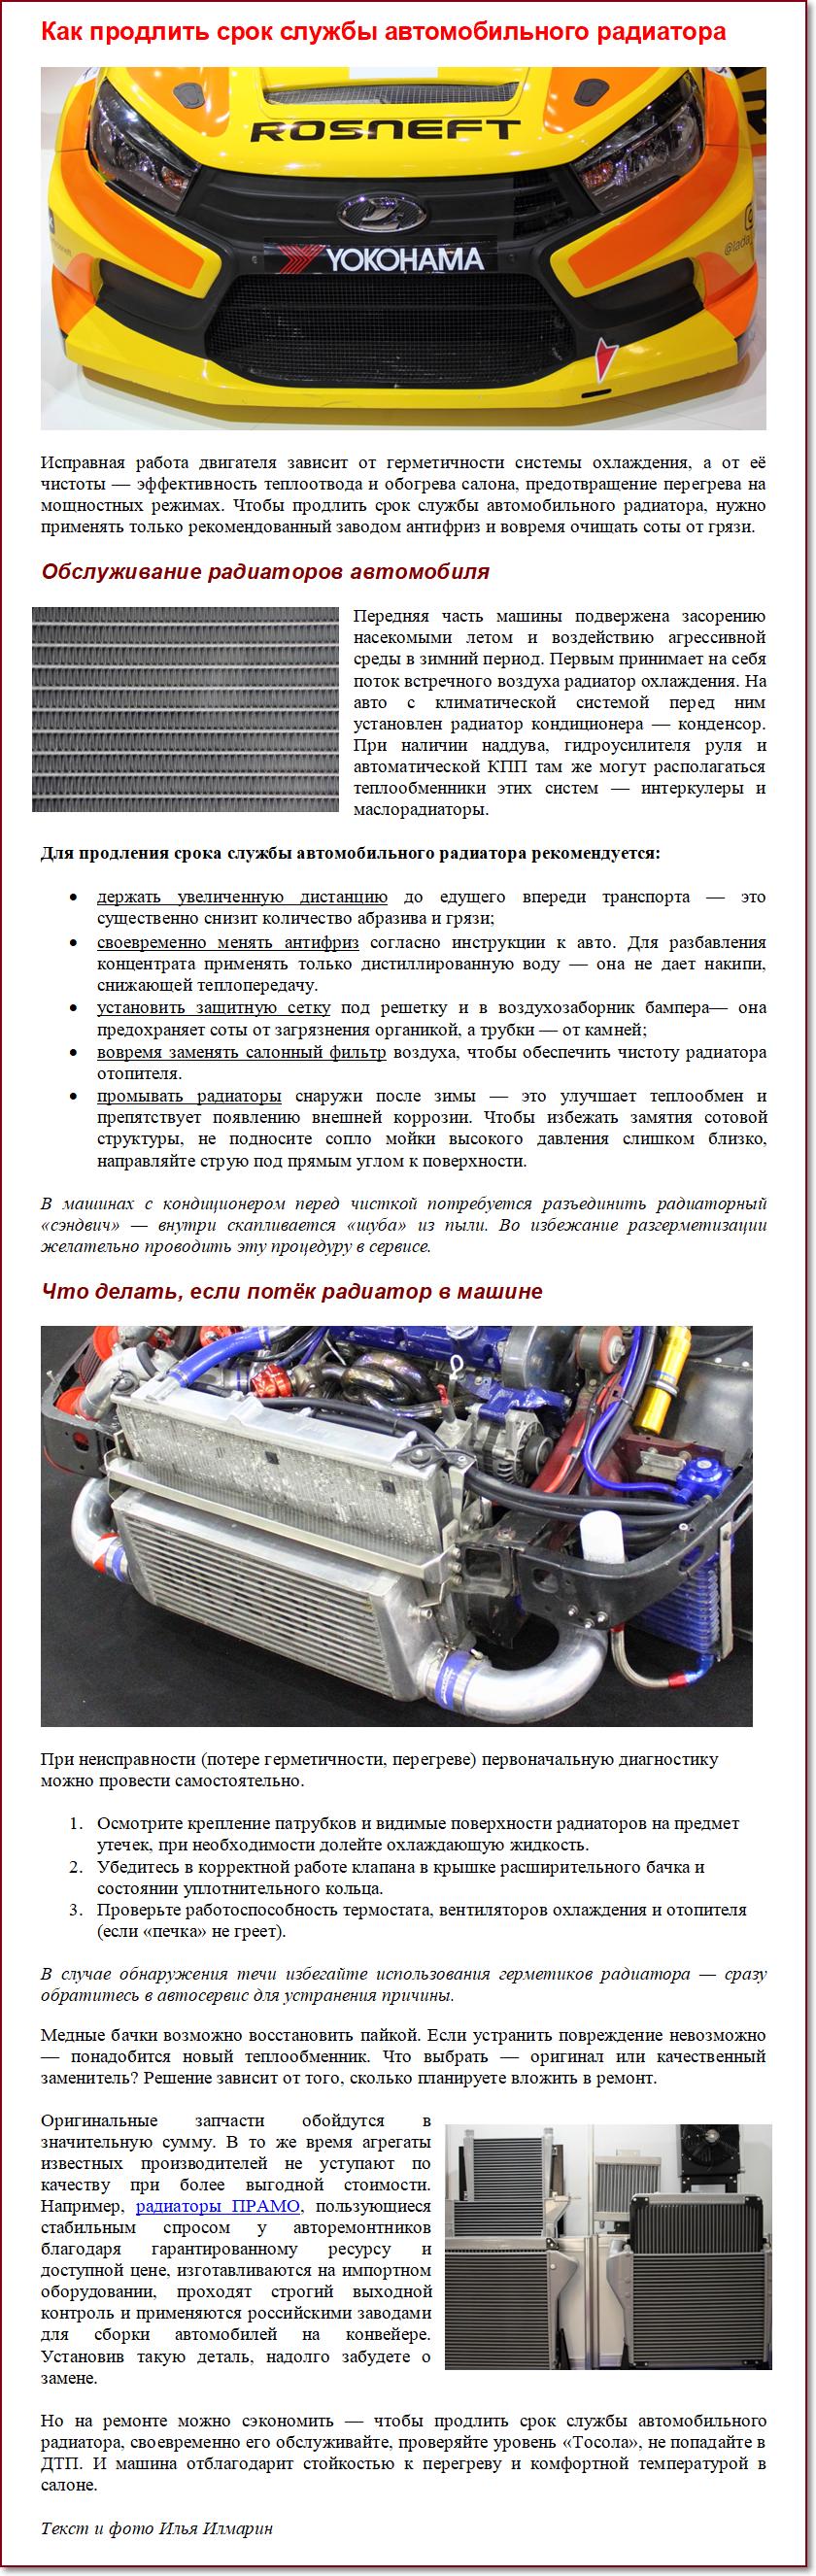 Статья об автомобильных радиаторах